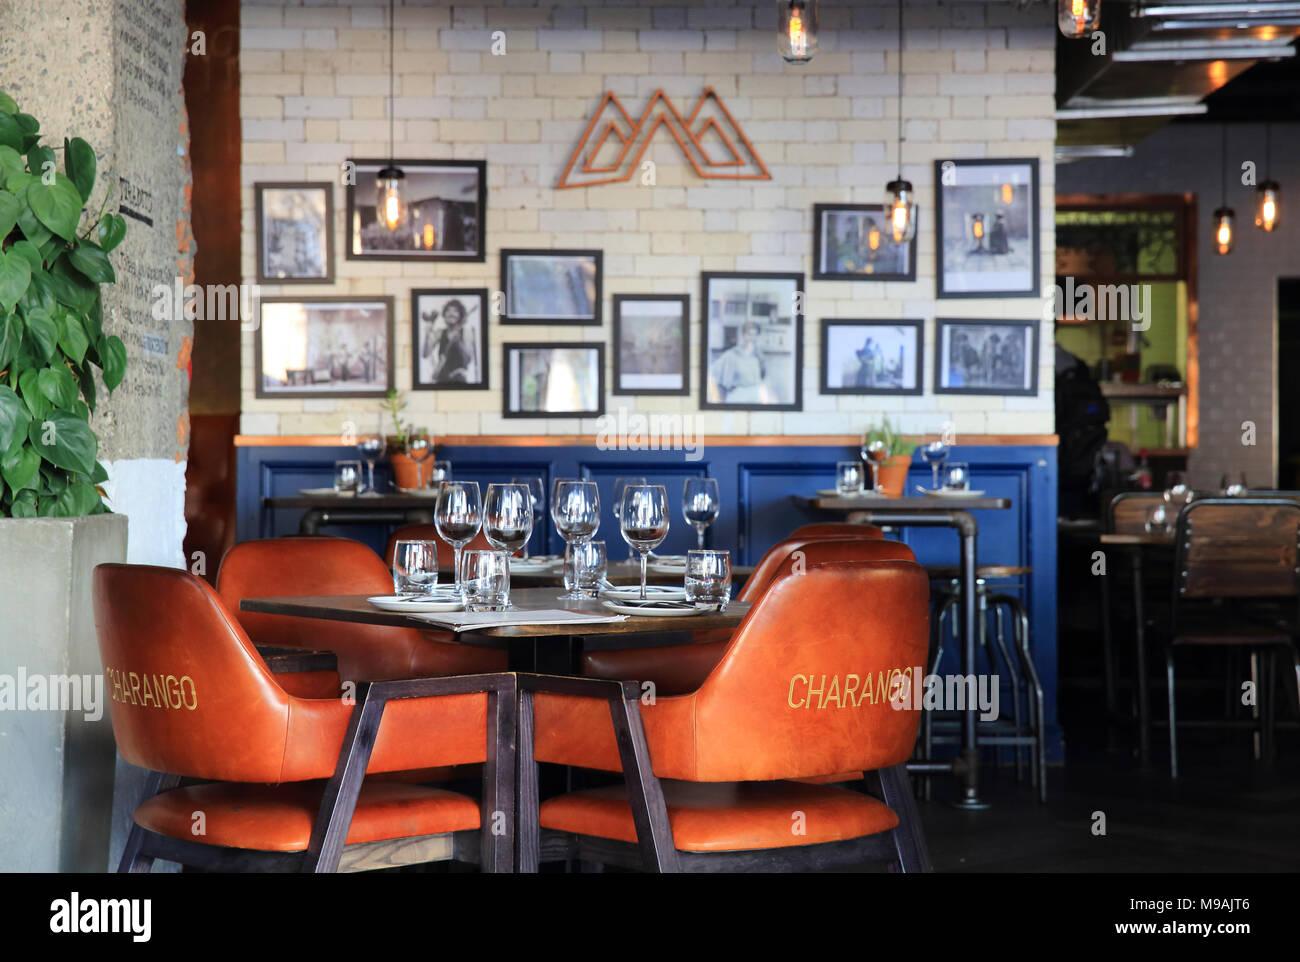 Charango bar e ristoranti su Bree Street, il più cool street nel centro di Città del Capo in Sud Africa Immagini Stock